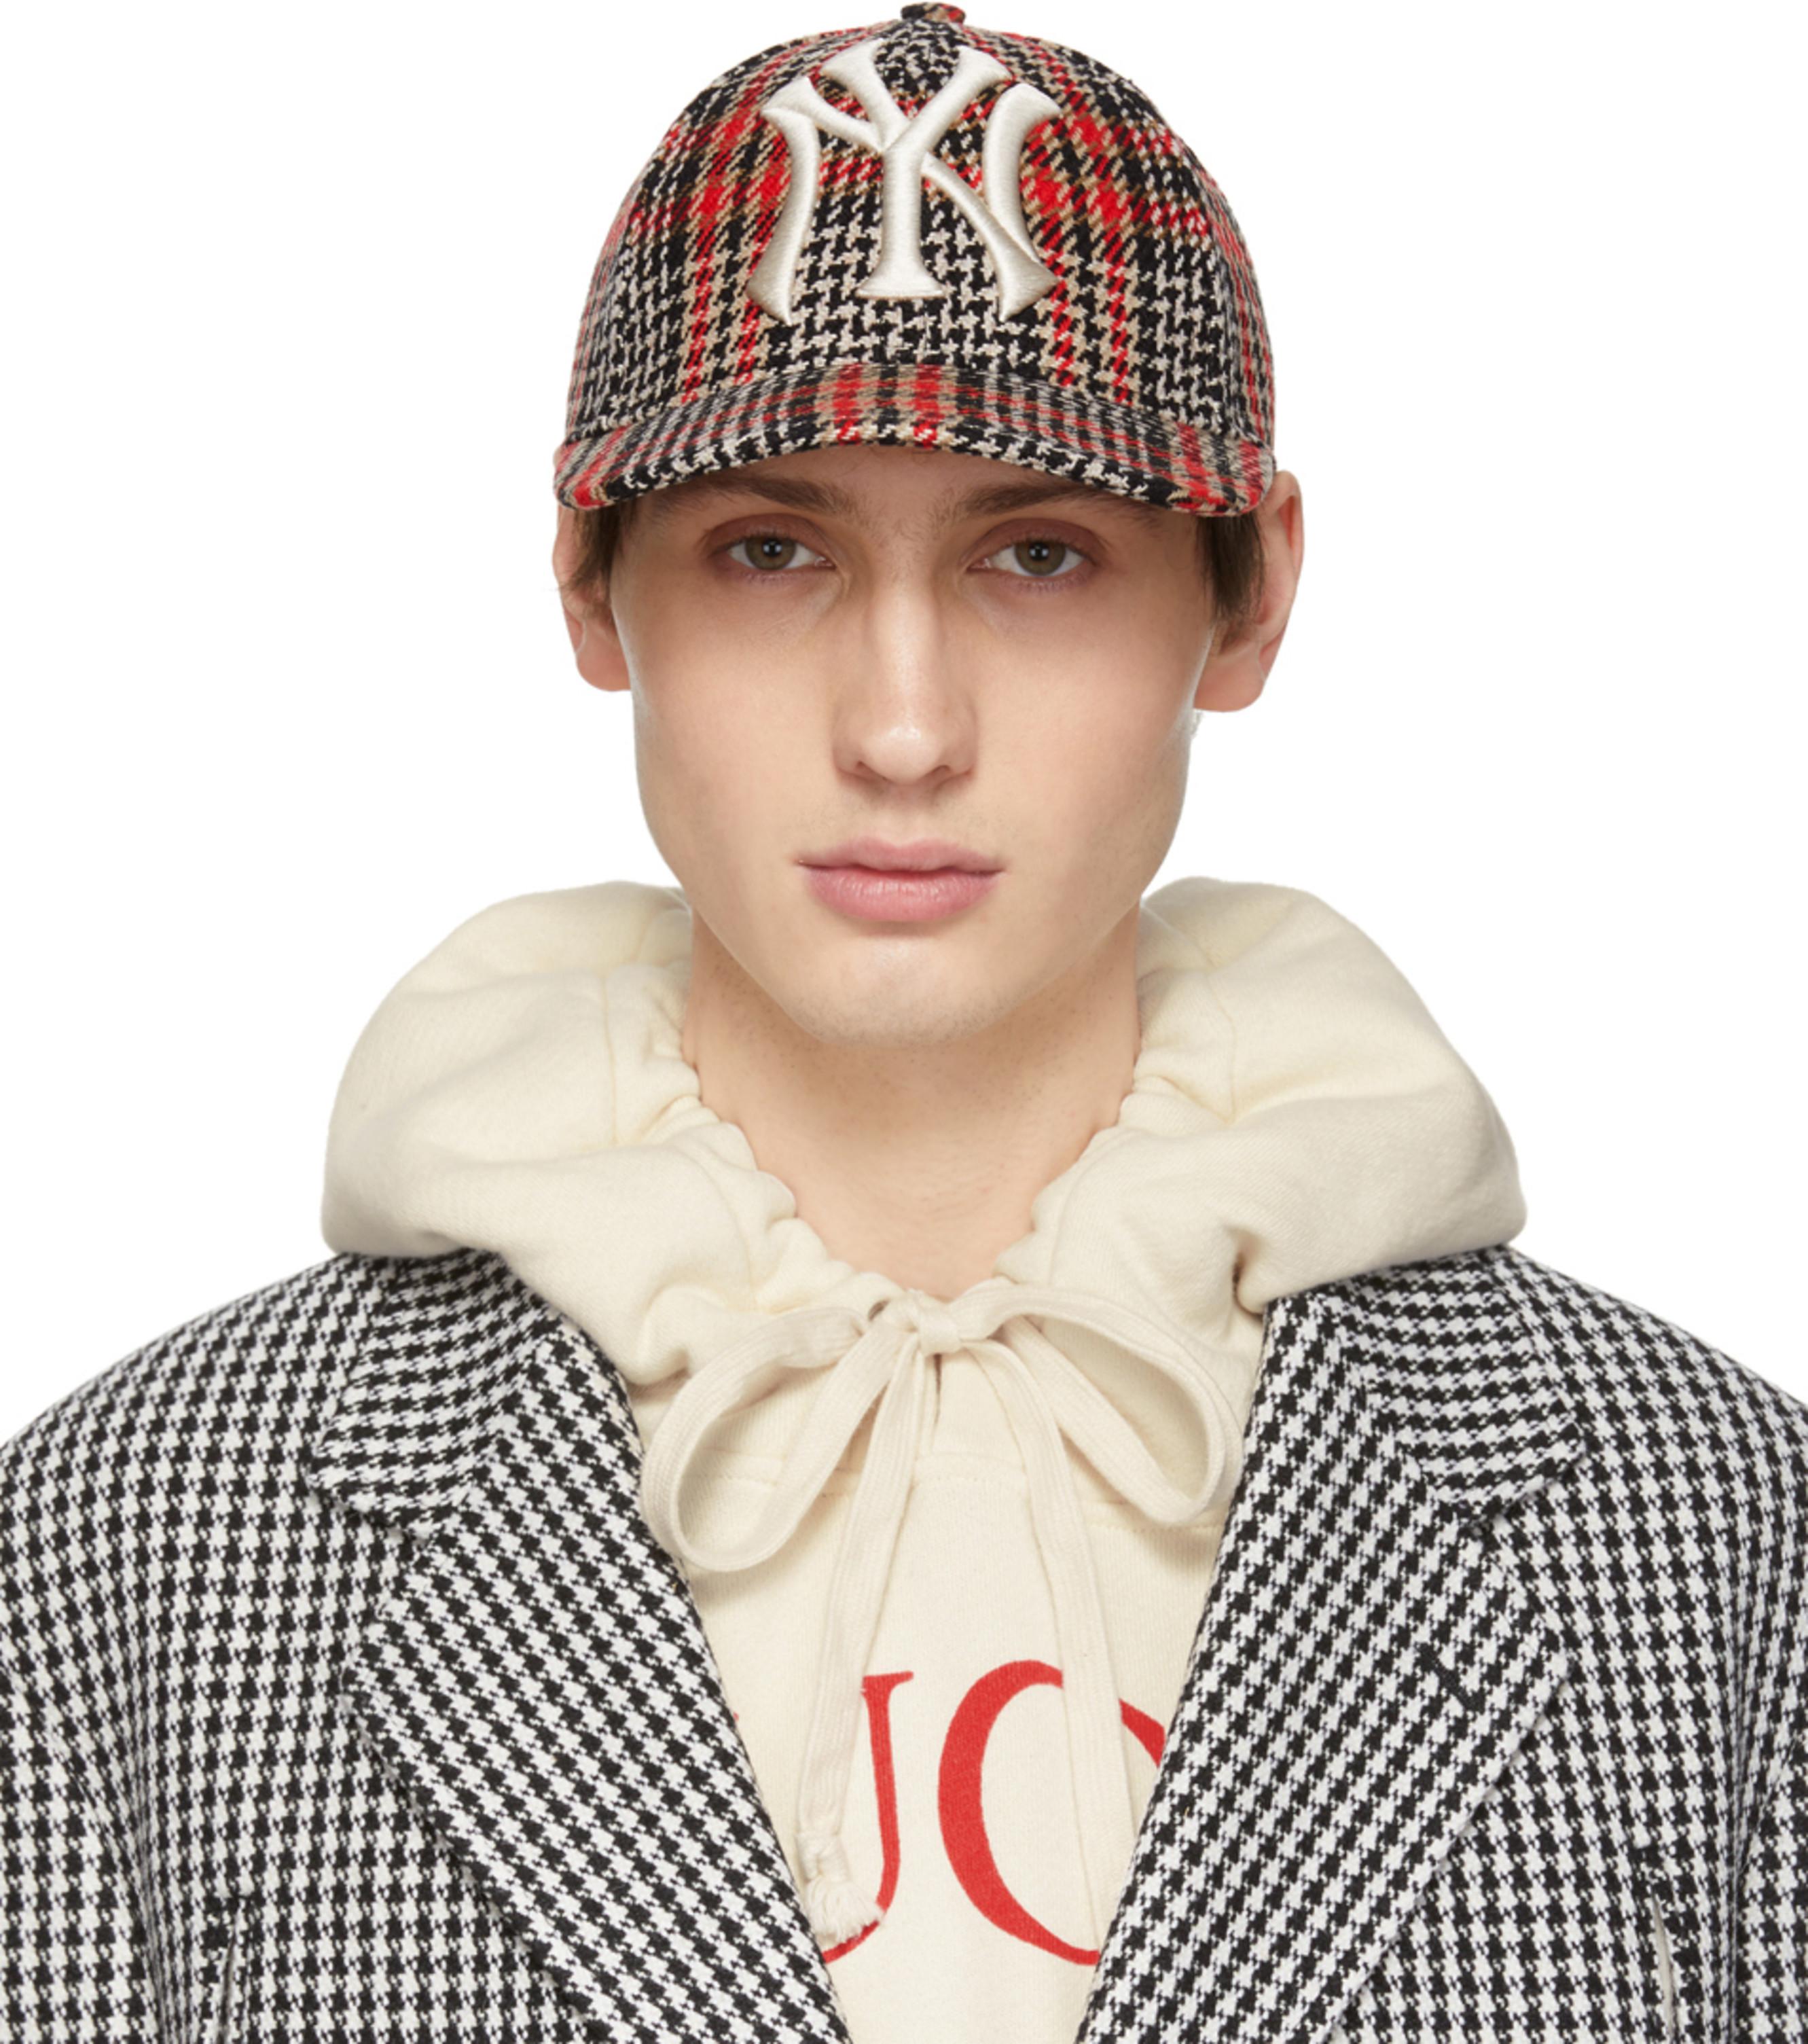 095bdd53517cb Gucci caps   flat caps for Men